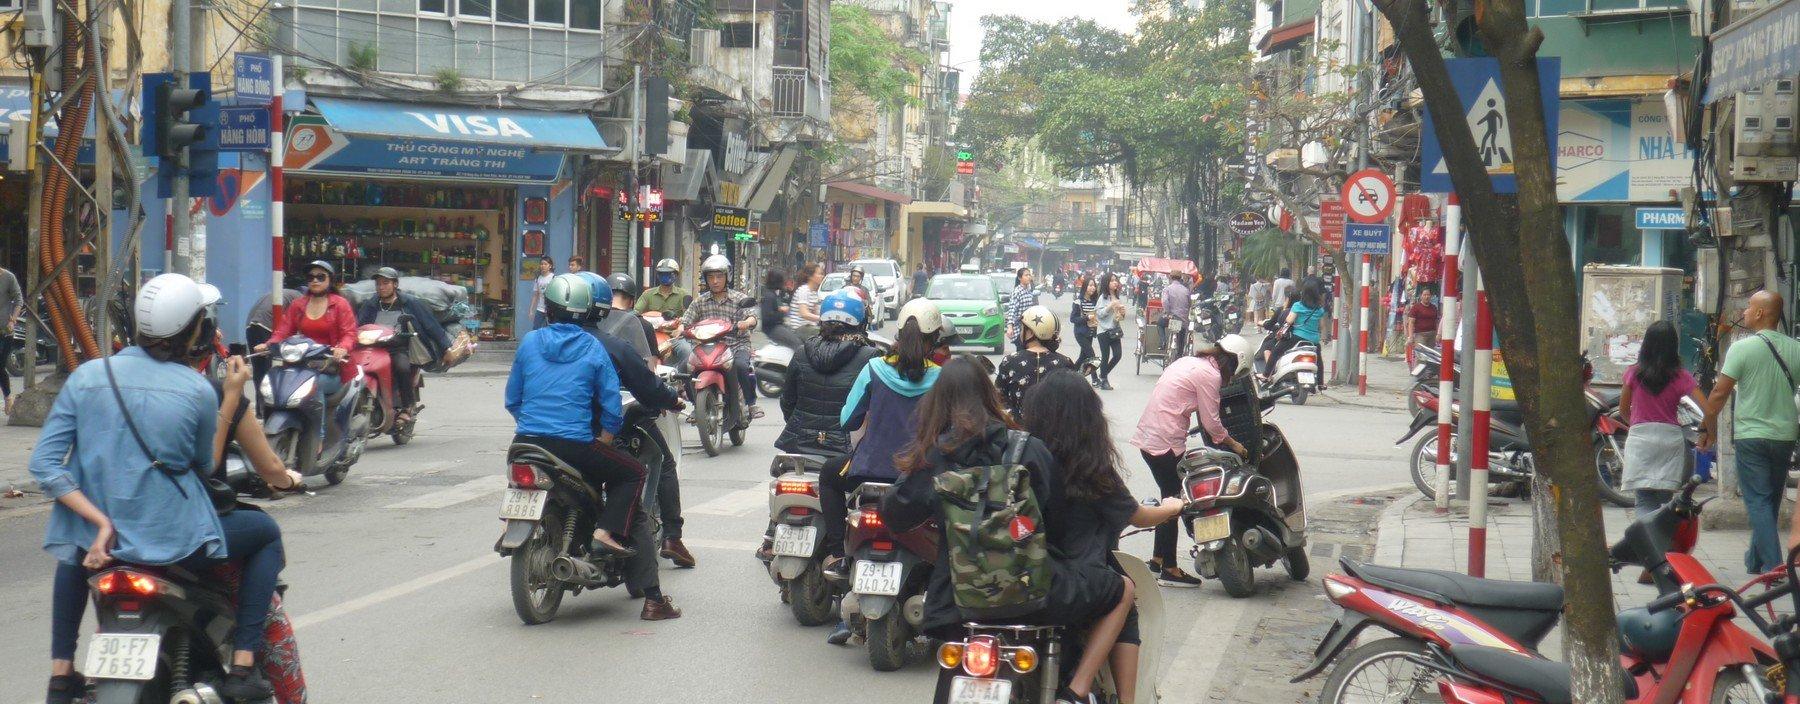 vn, hanoi, old quarter (17).jpg